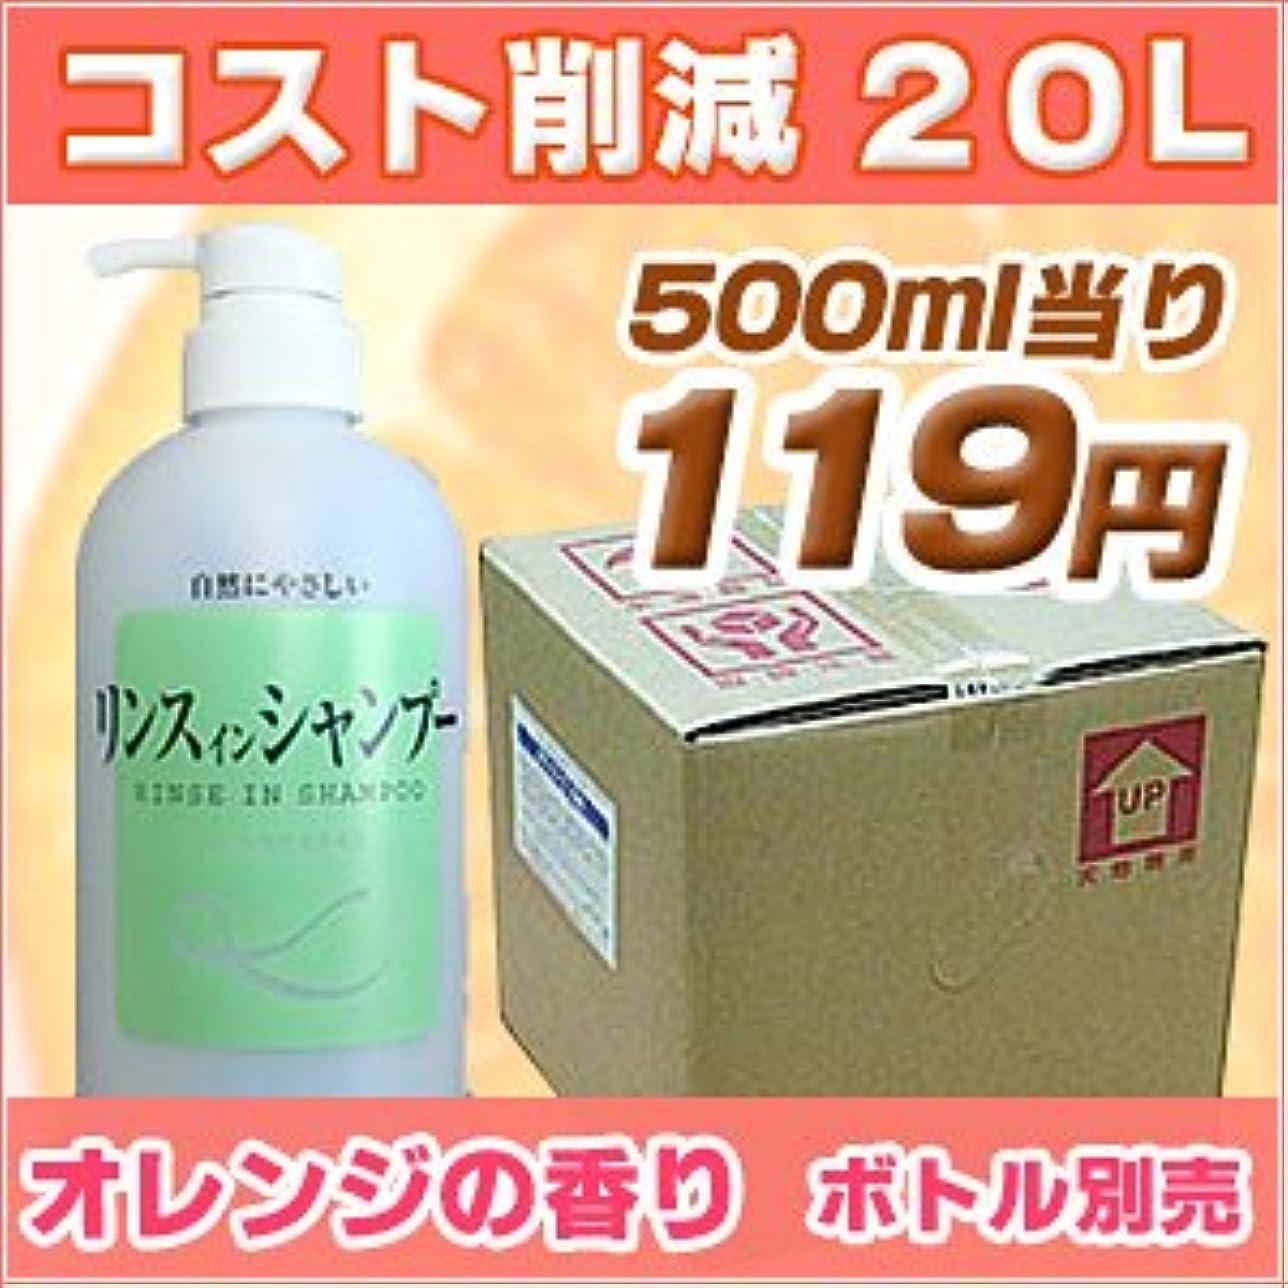 耐久皮肉体現するWindhill 植物性 業務用 リンスイン シャンプー オレンジの香り 20L(1セット20L入)